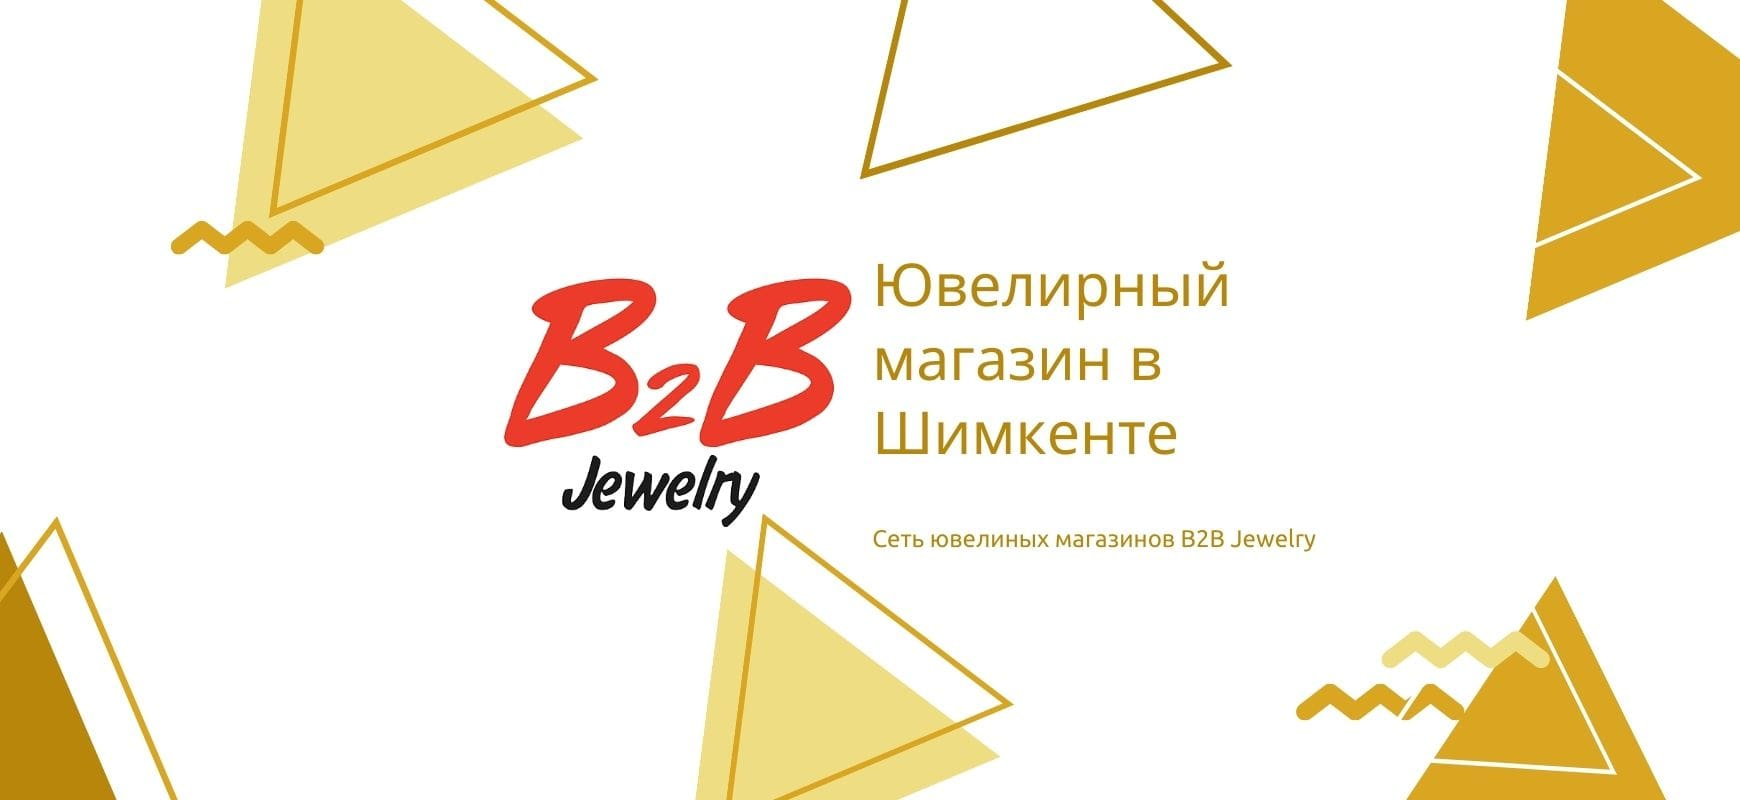 B2B JEWELRY ШИМКЕНТ